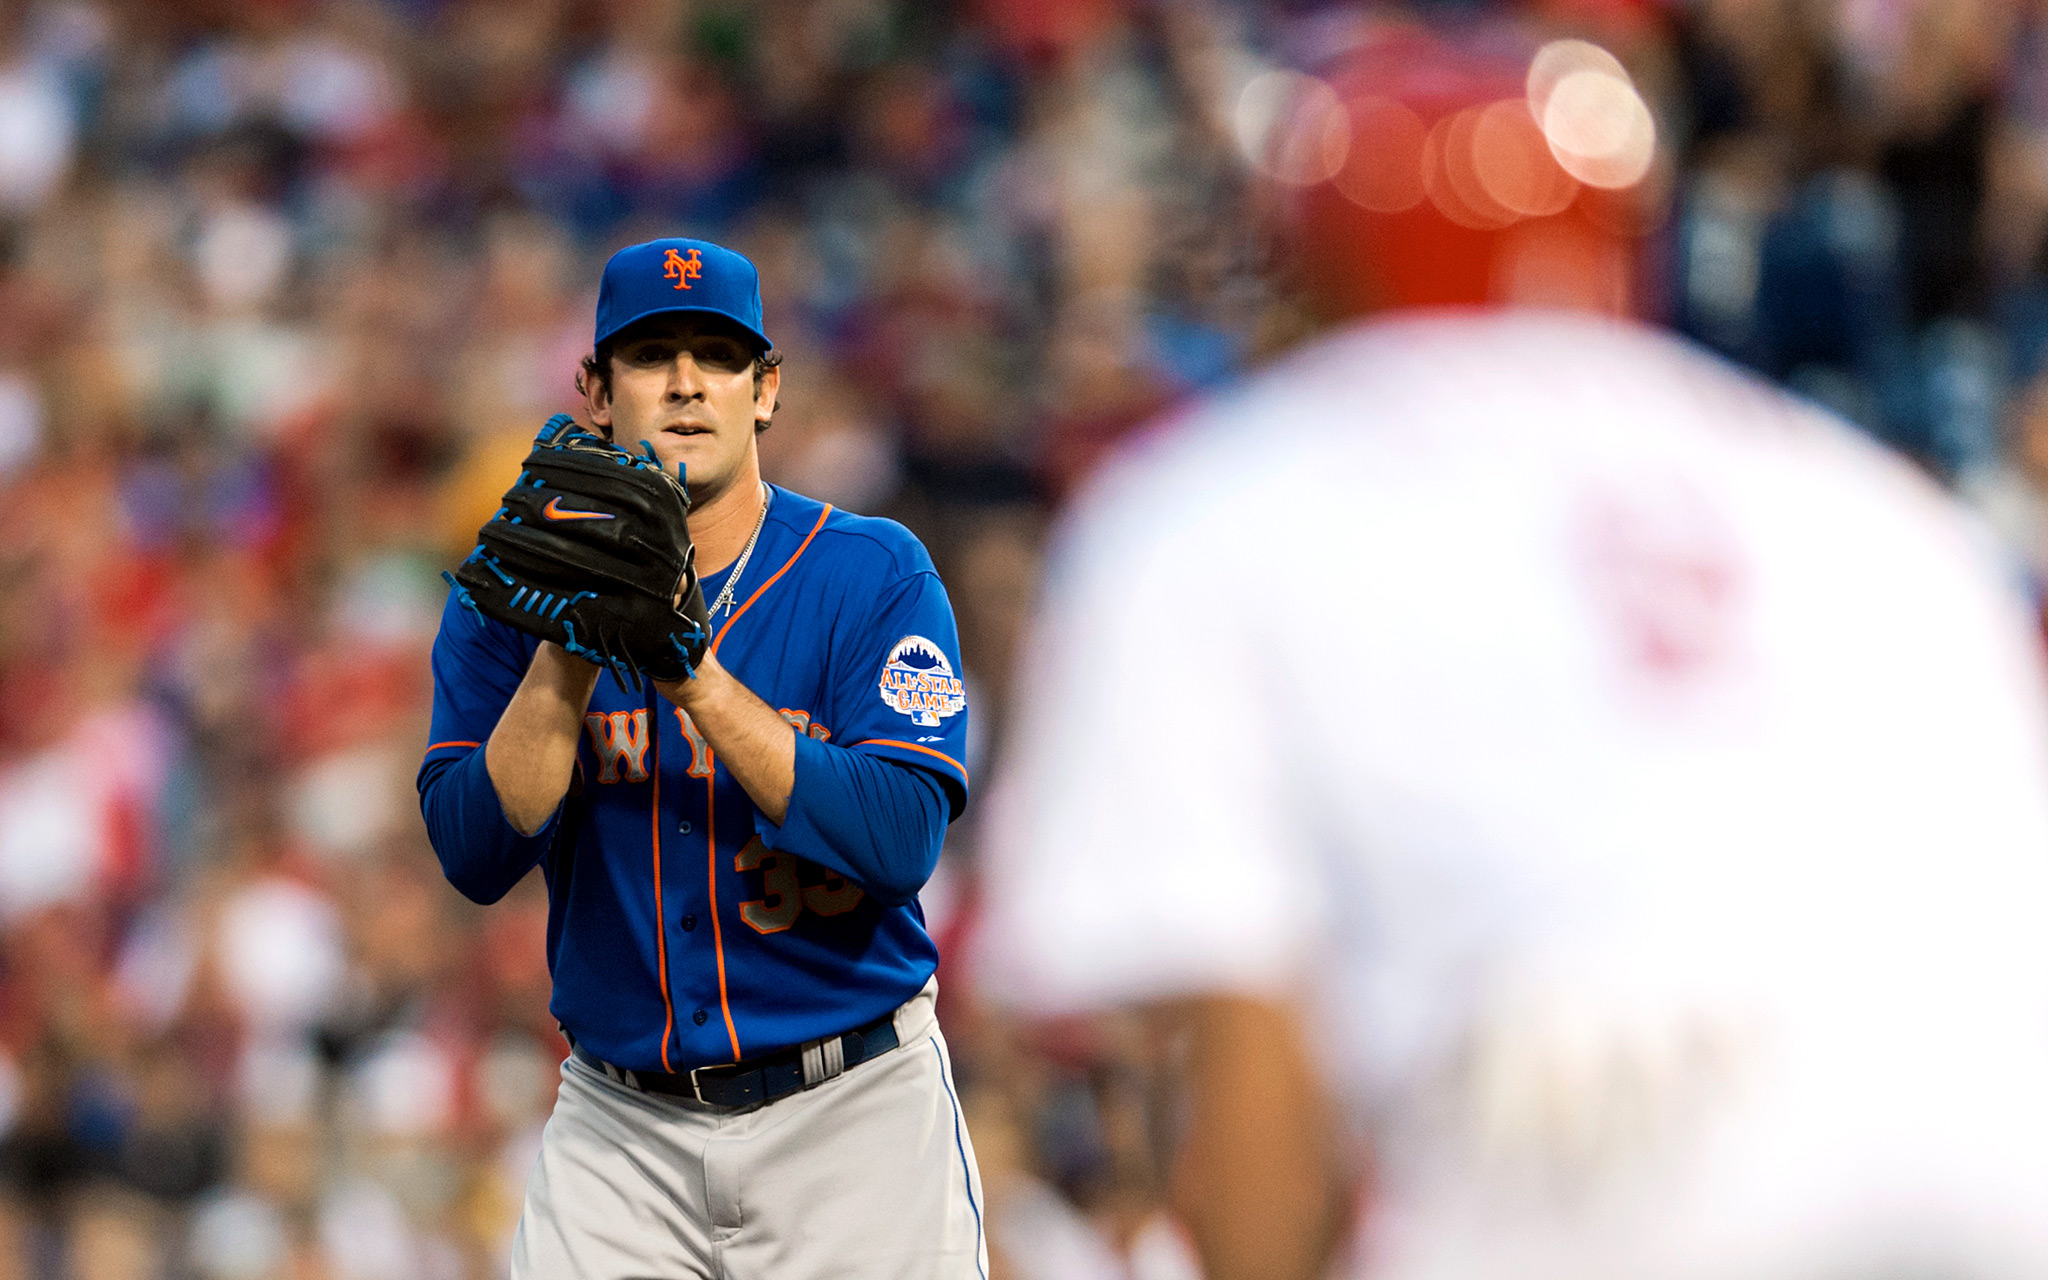 6. Matt Harvey, RHP, Mets